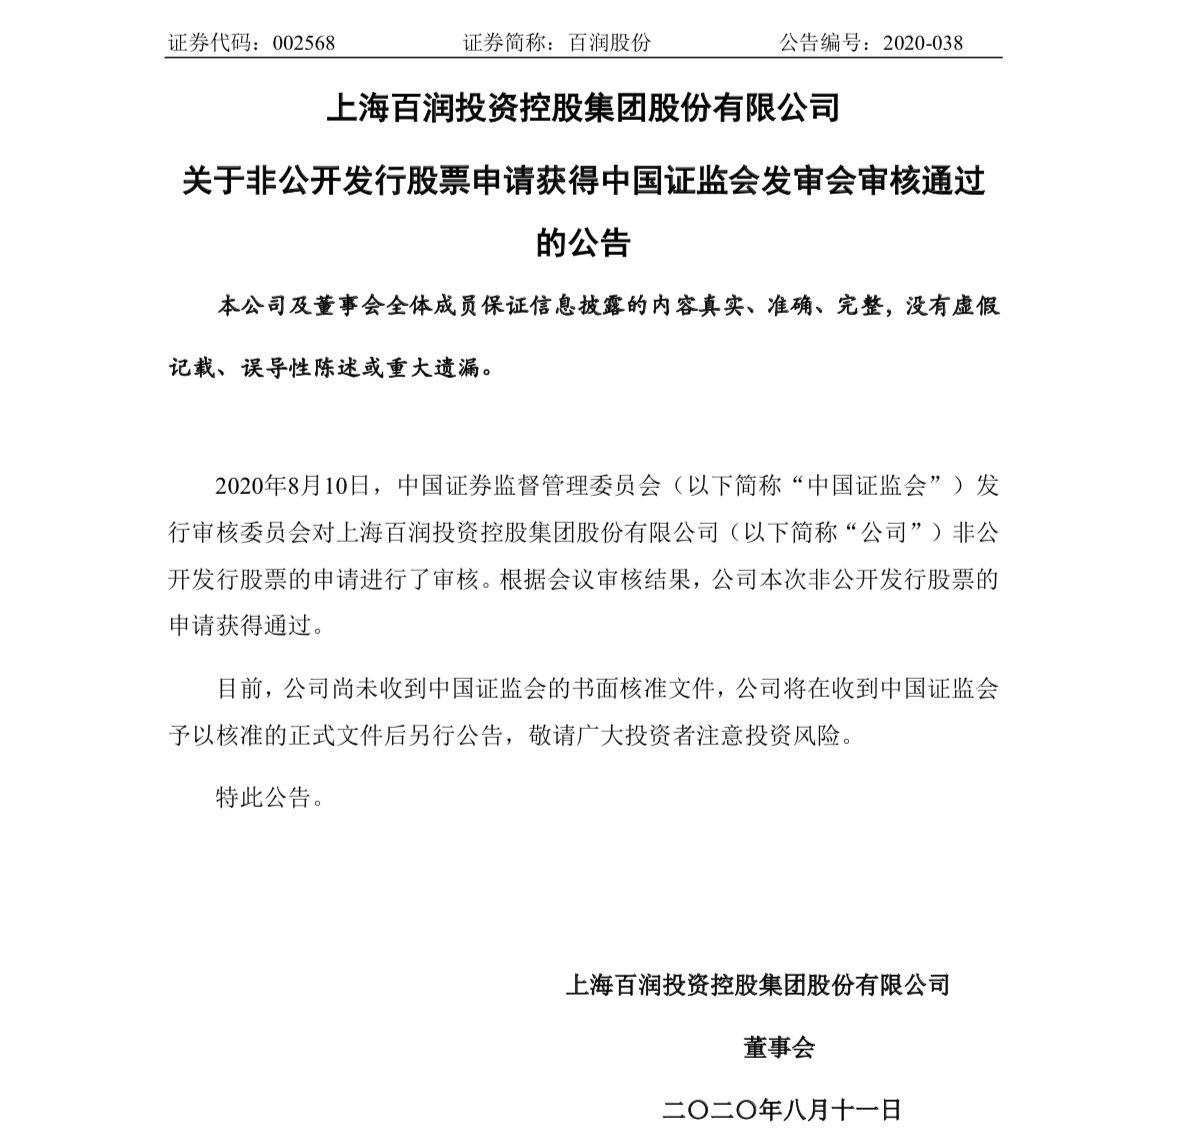 百润股份非公开发行股票申请通过,募资用于烈酒陈酿熟成项目